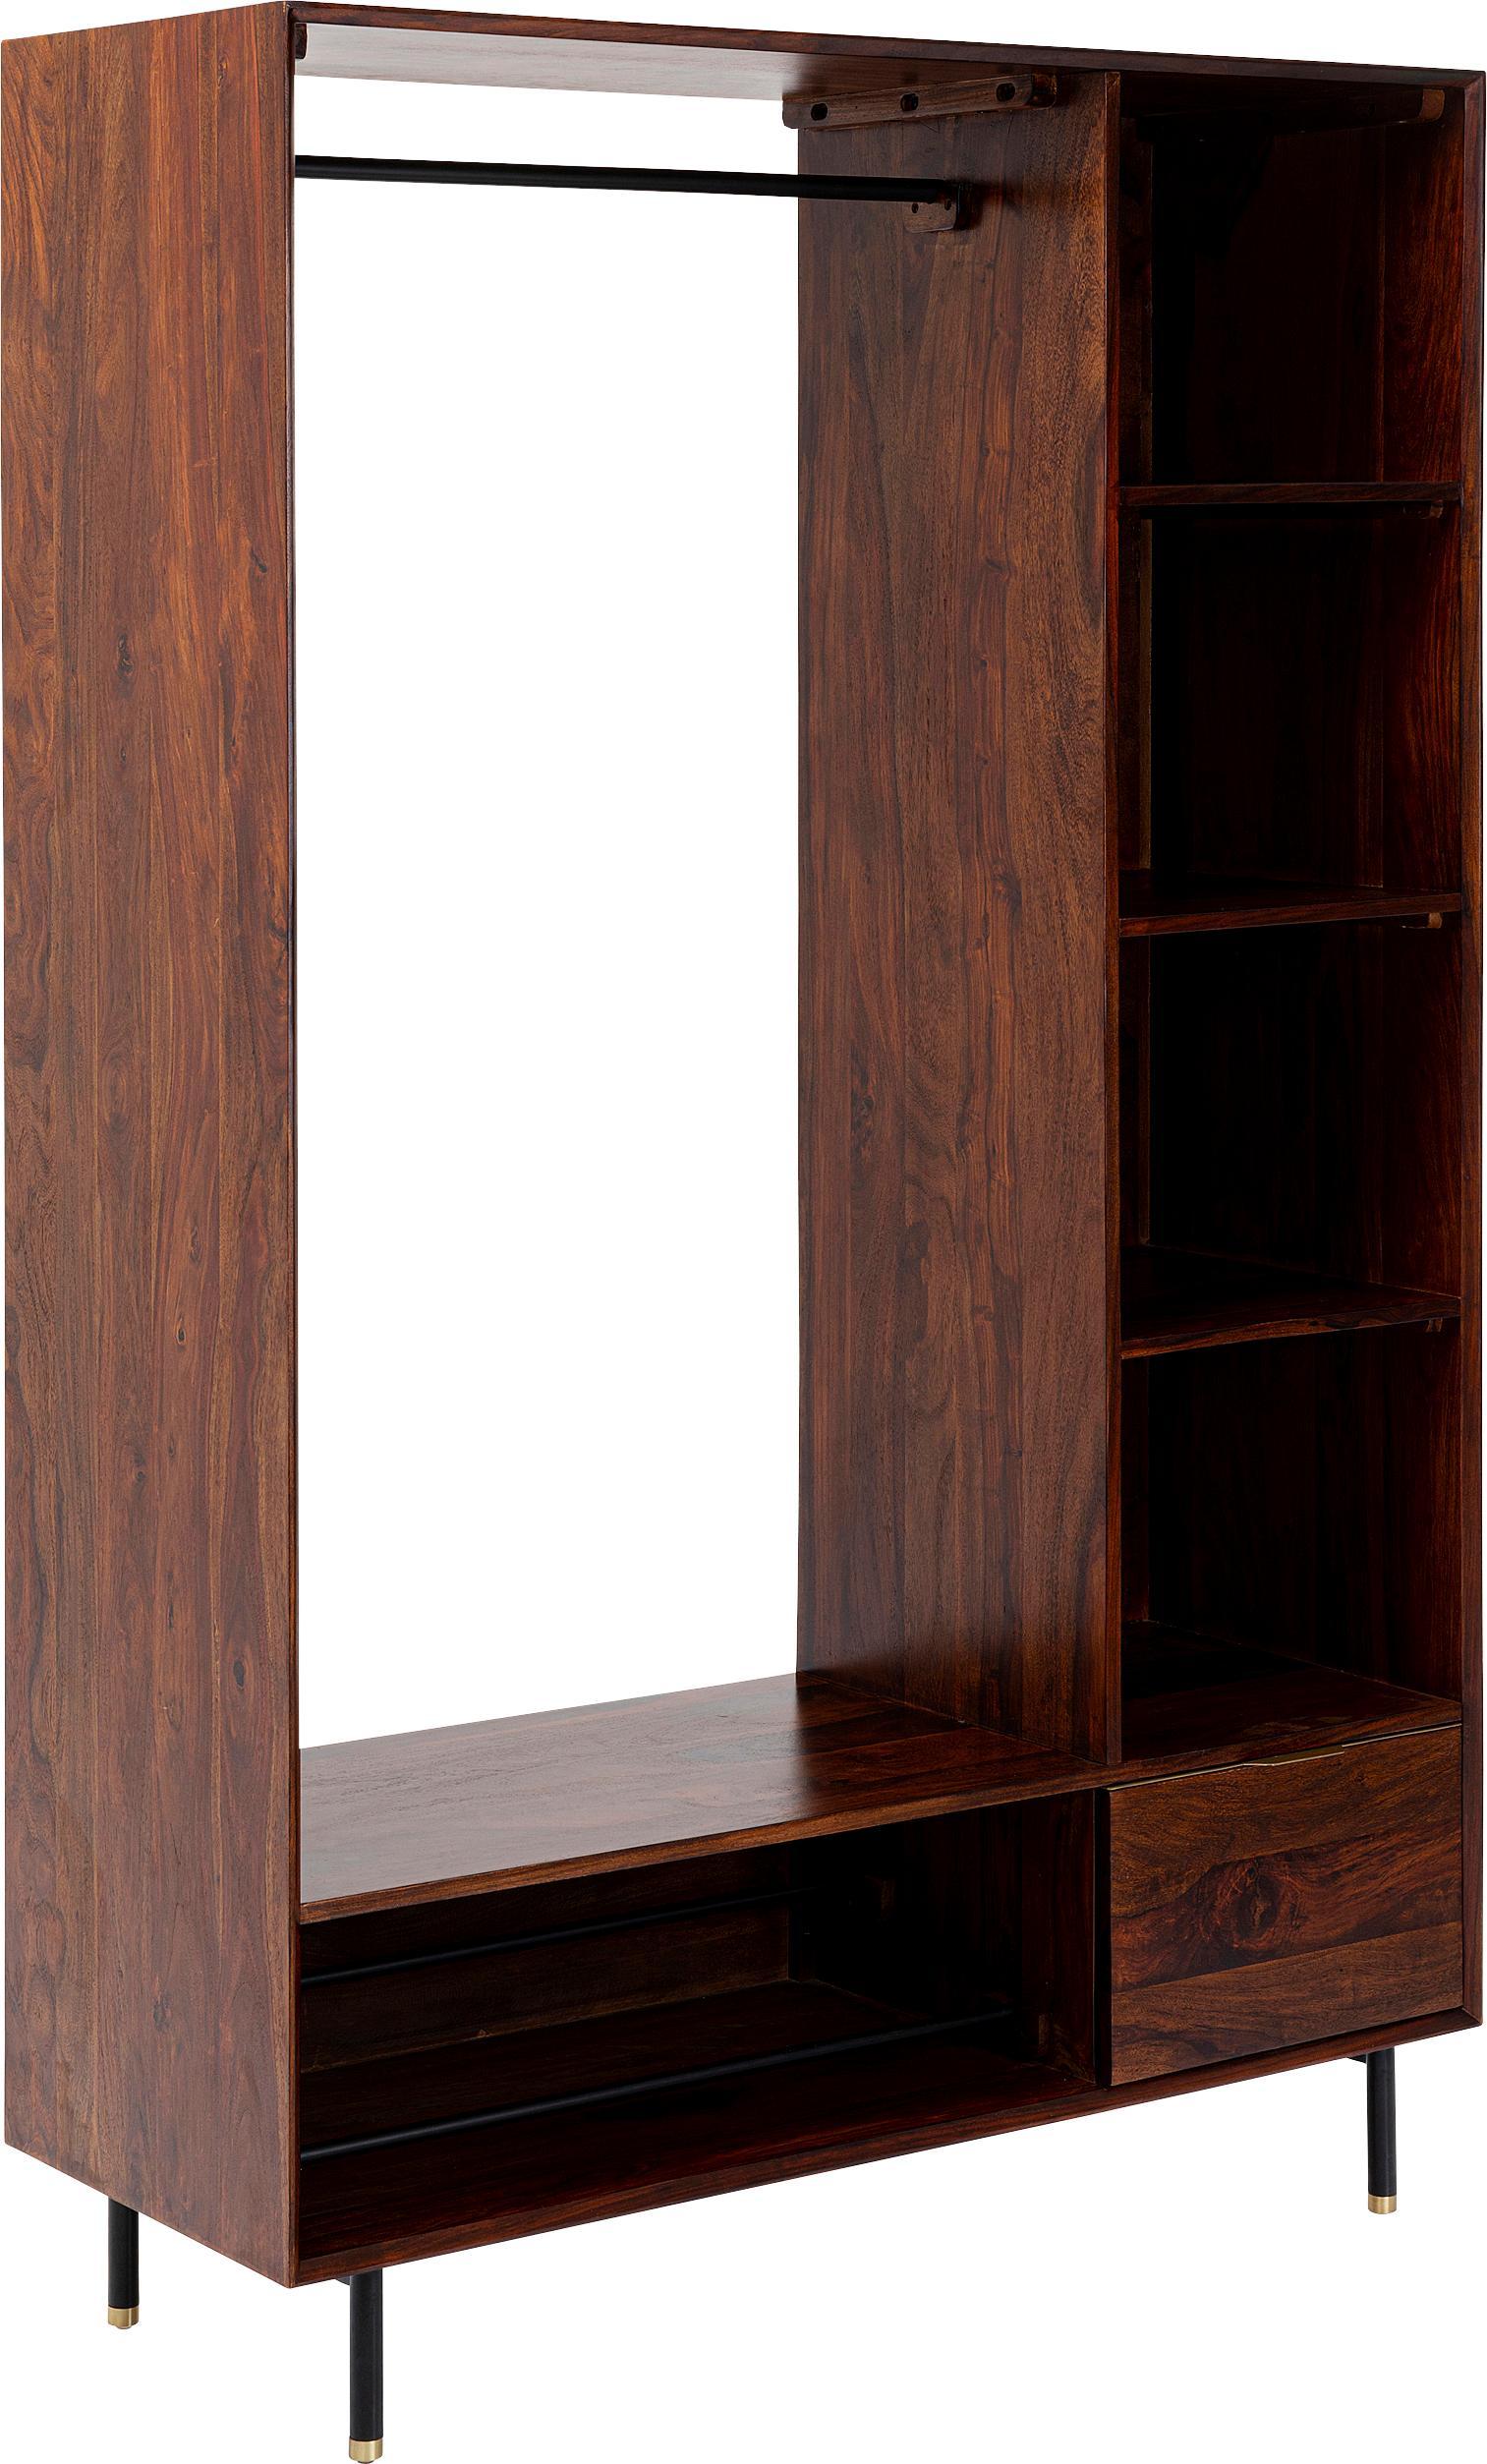 Armadio a giorno in legno massivo Ravello, Piedini: metallo verniciato, Marrone, Larg. 120 x Alt. 185 cm